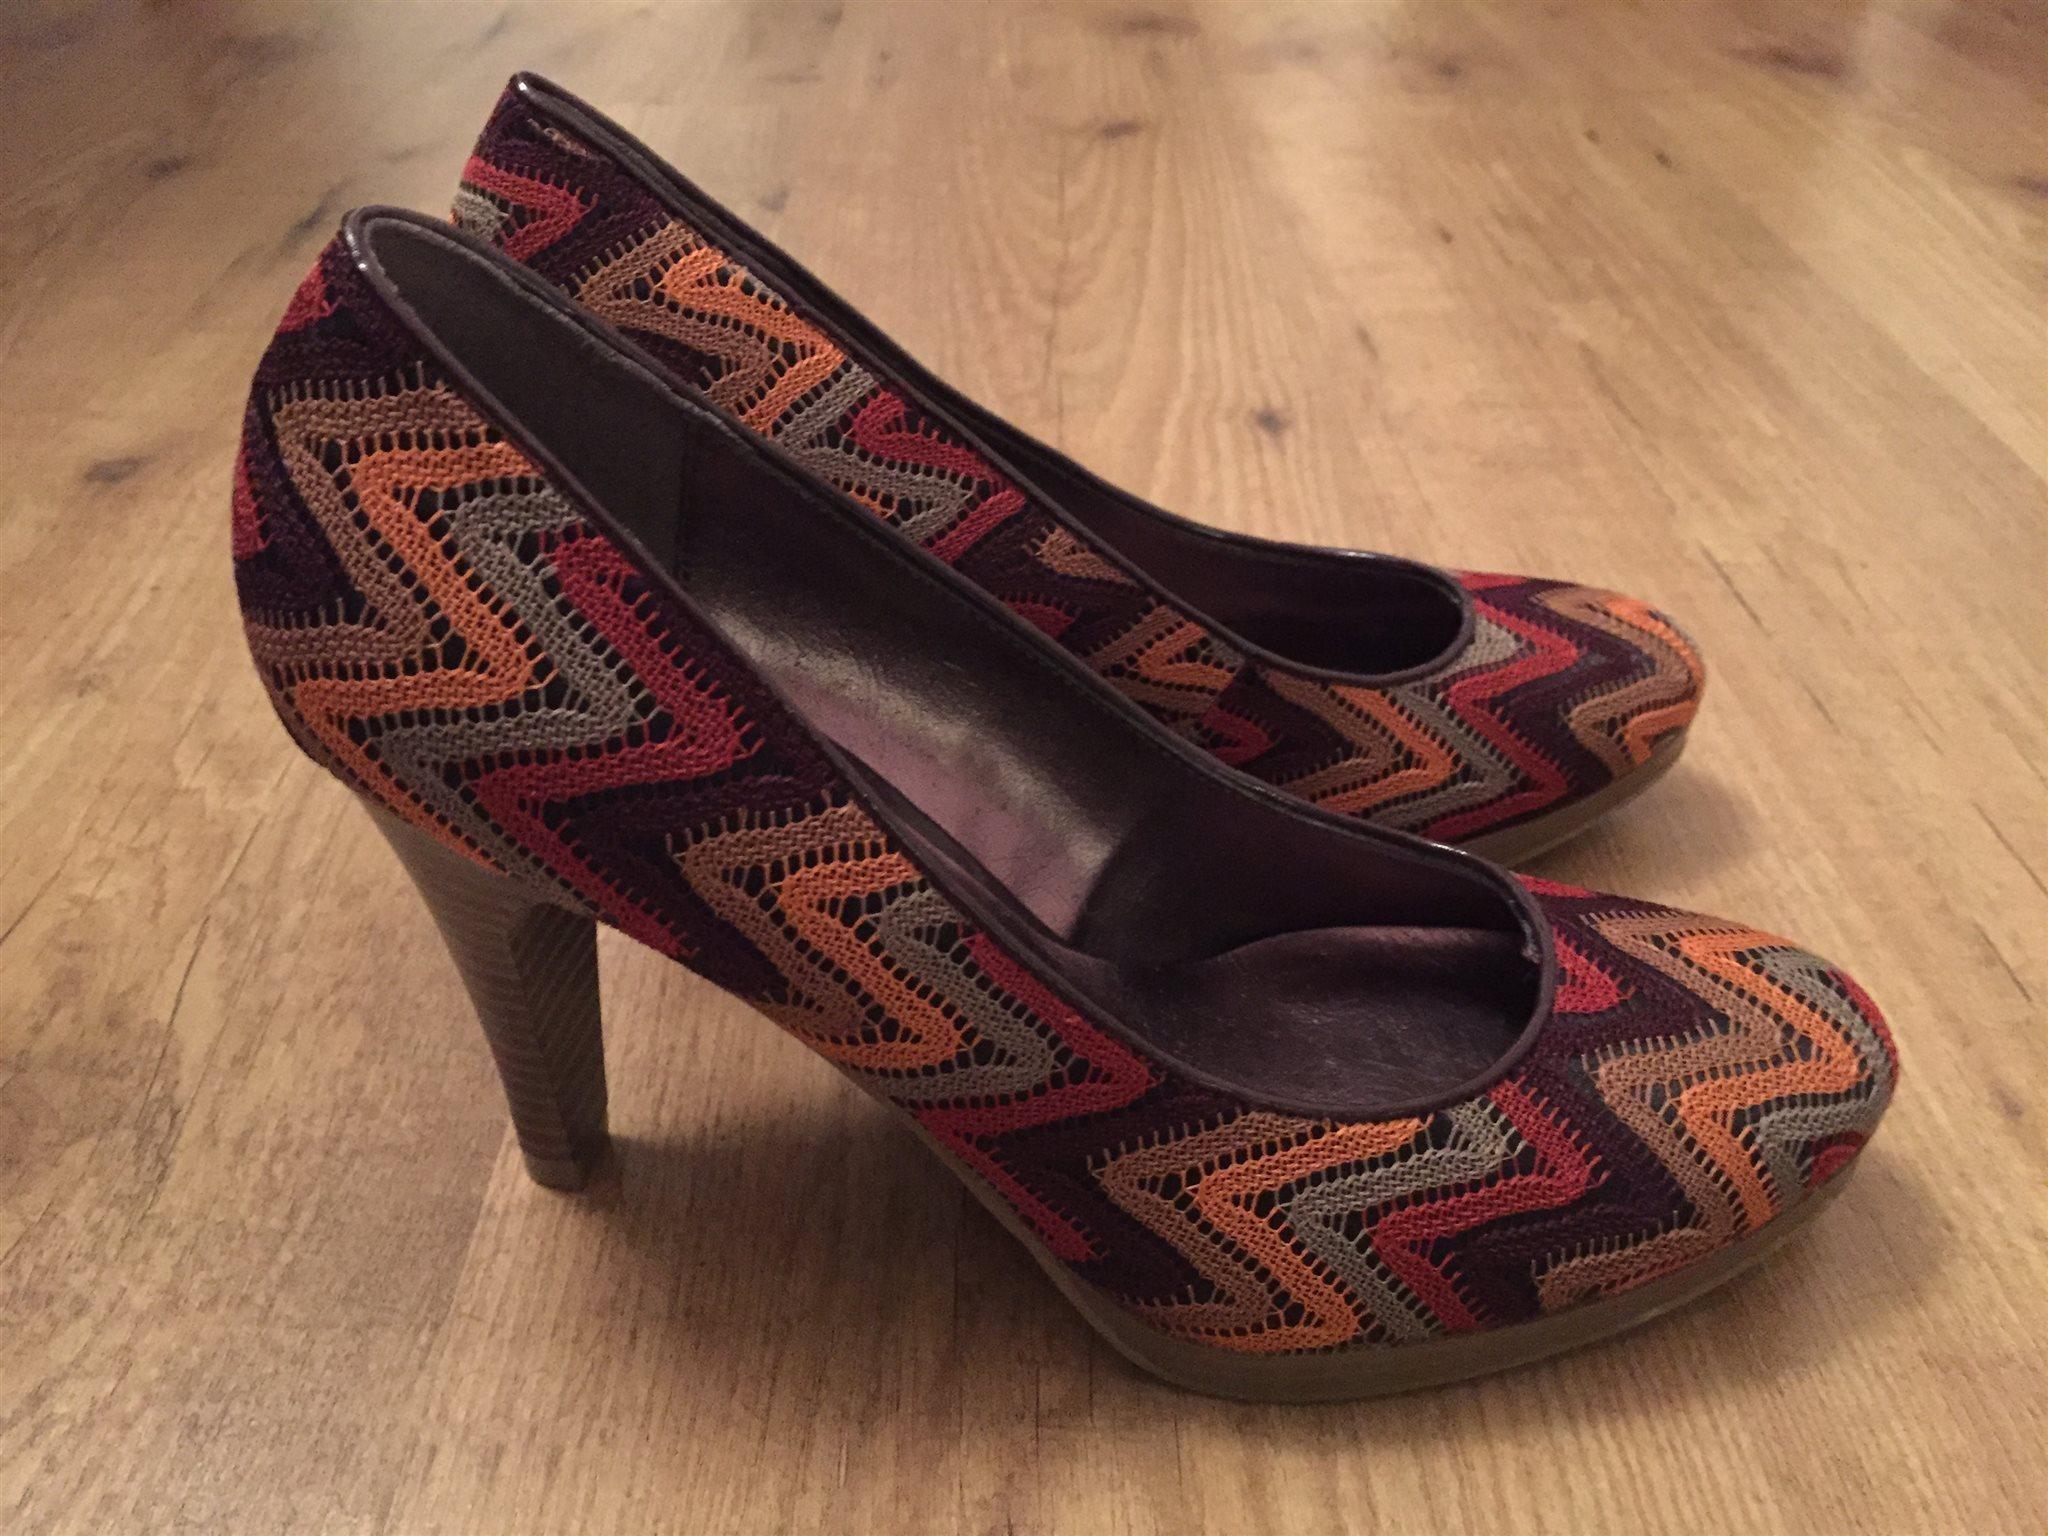 Snygga skor stl 39 (329292305) ᐈ Köp på Tradera ece22dae49a4f